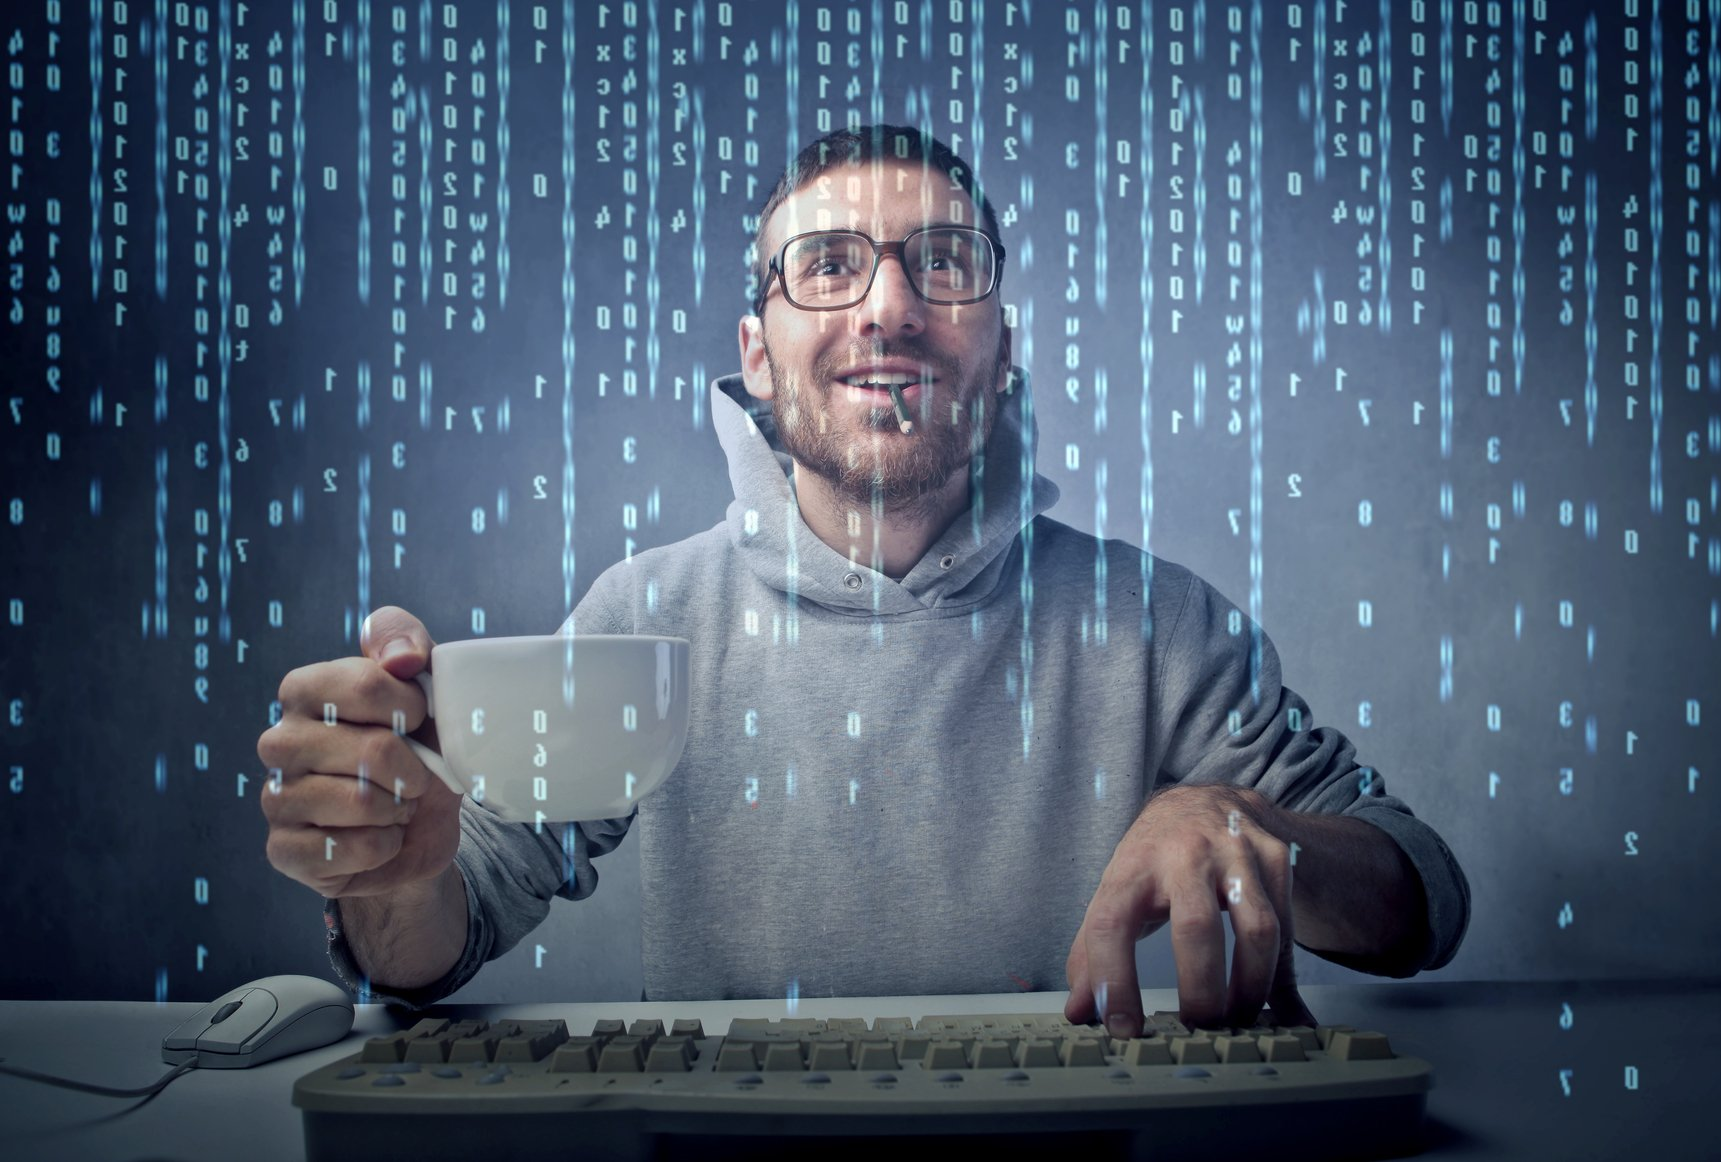 Что такое системный администратор фриланс найти работу удаленную в москве